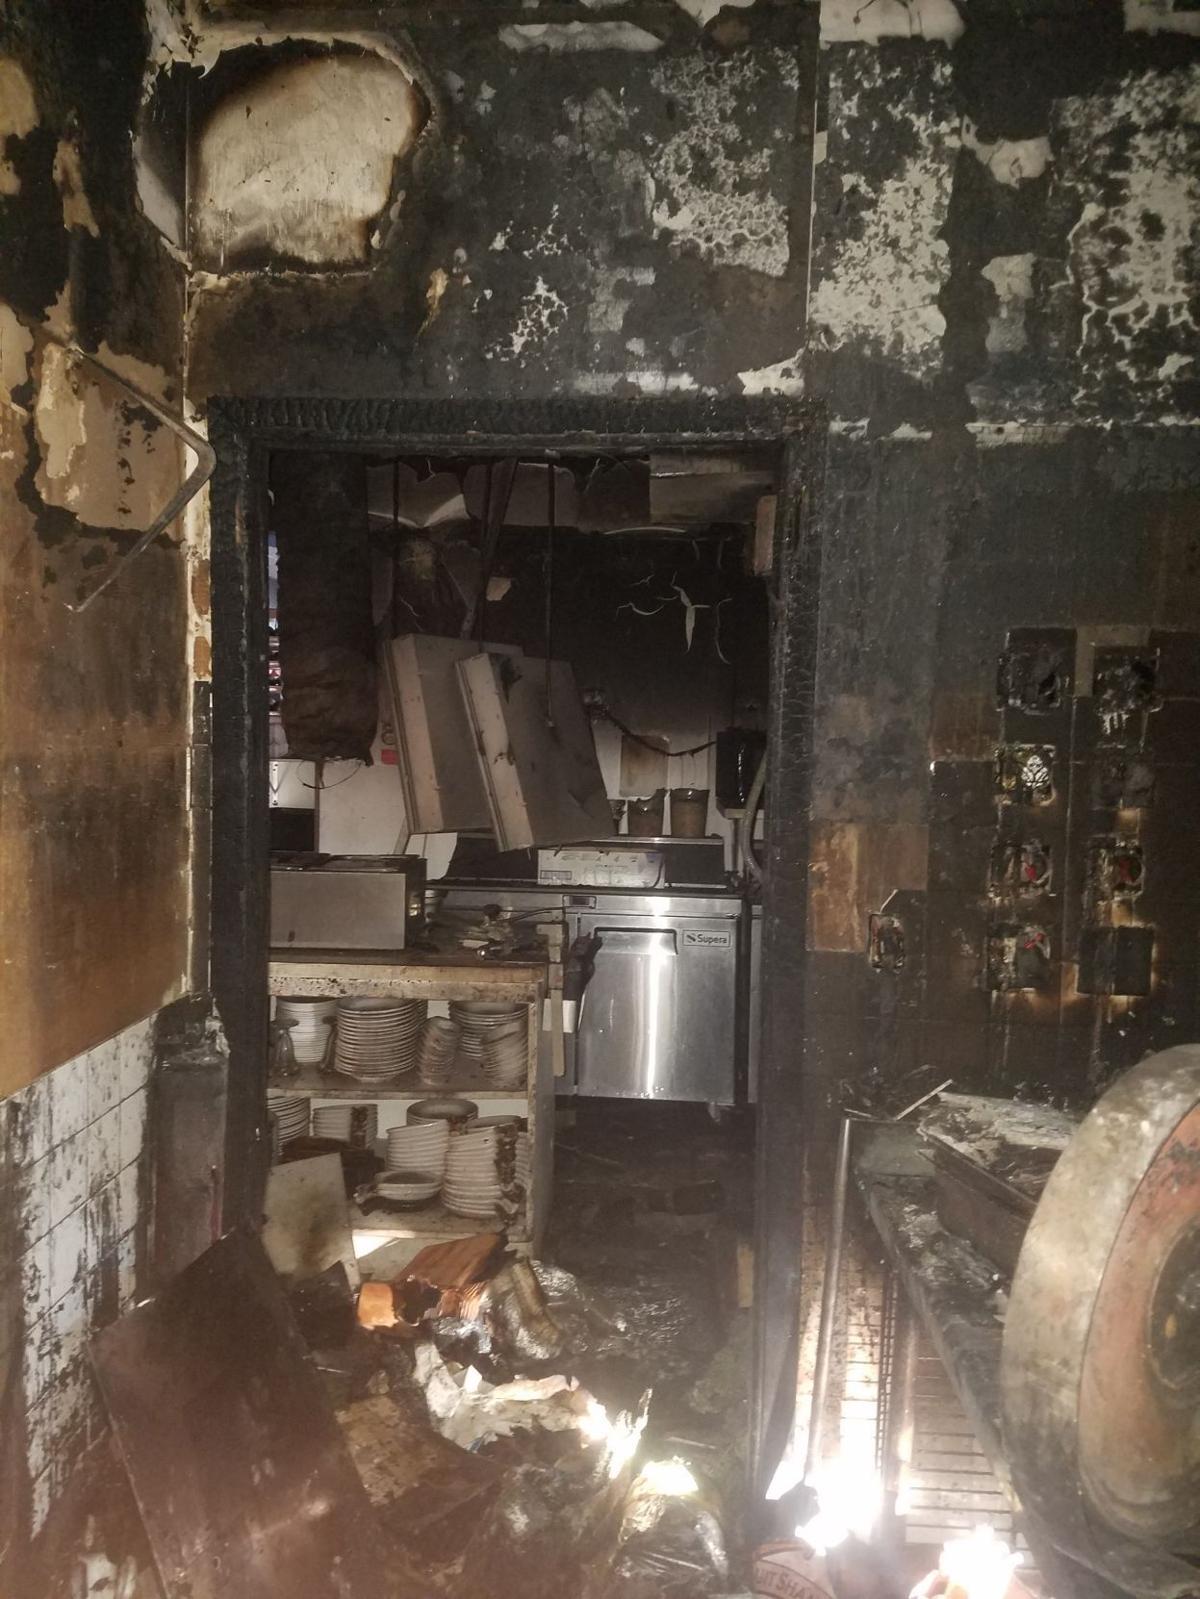 Lunardi's Restaurant after fire